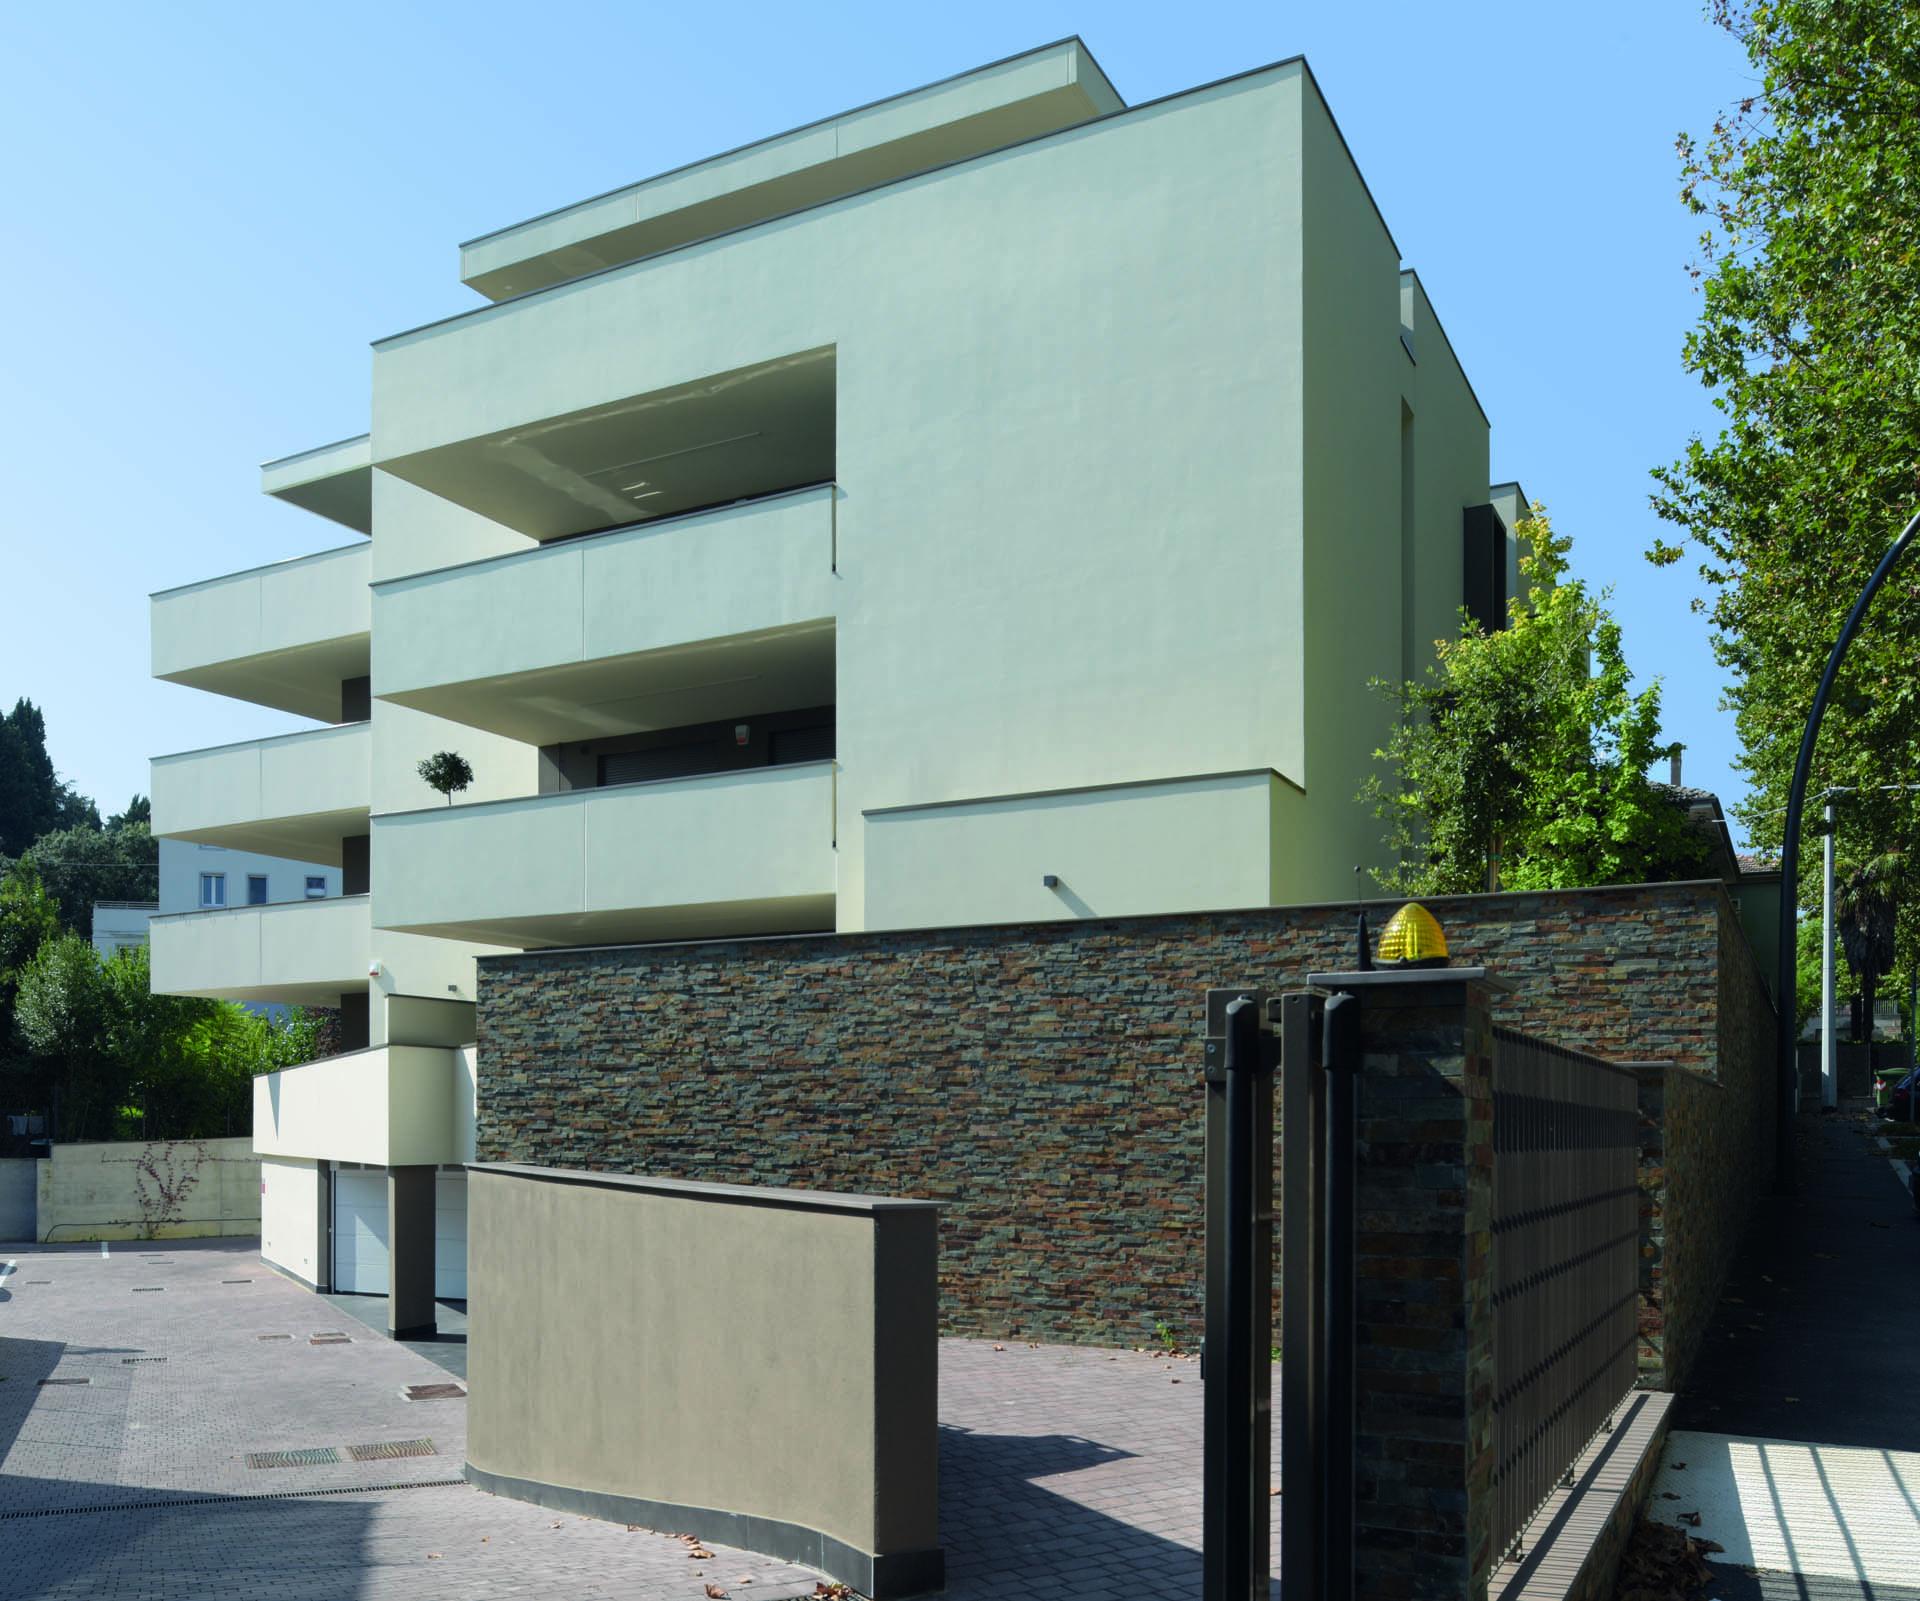 05 Studio Bacchi architetti associati condominio Davide img 05